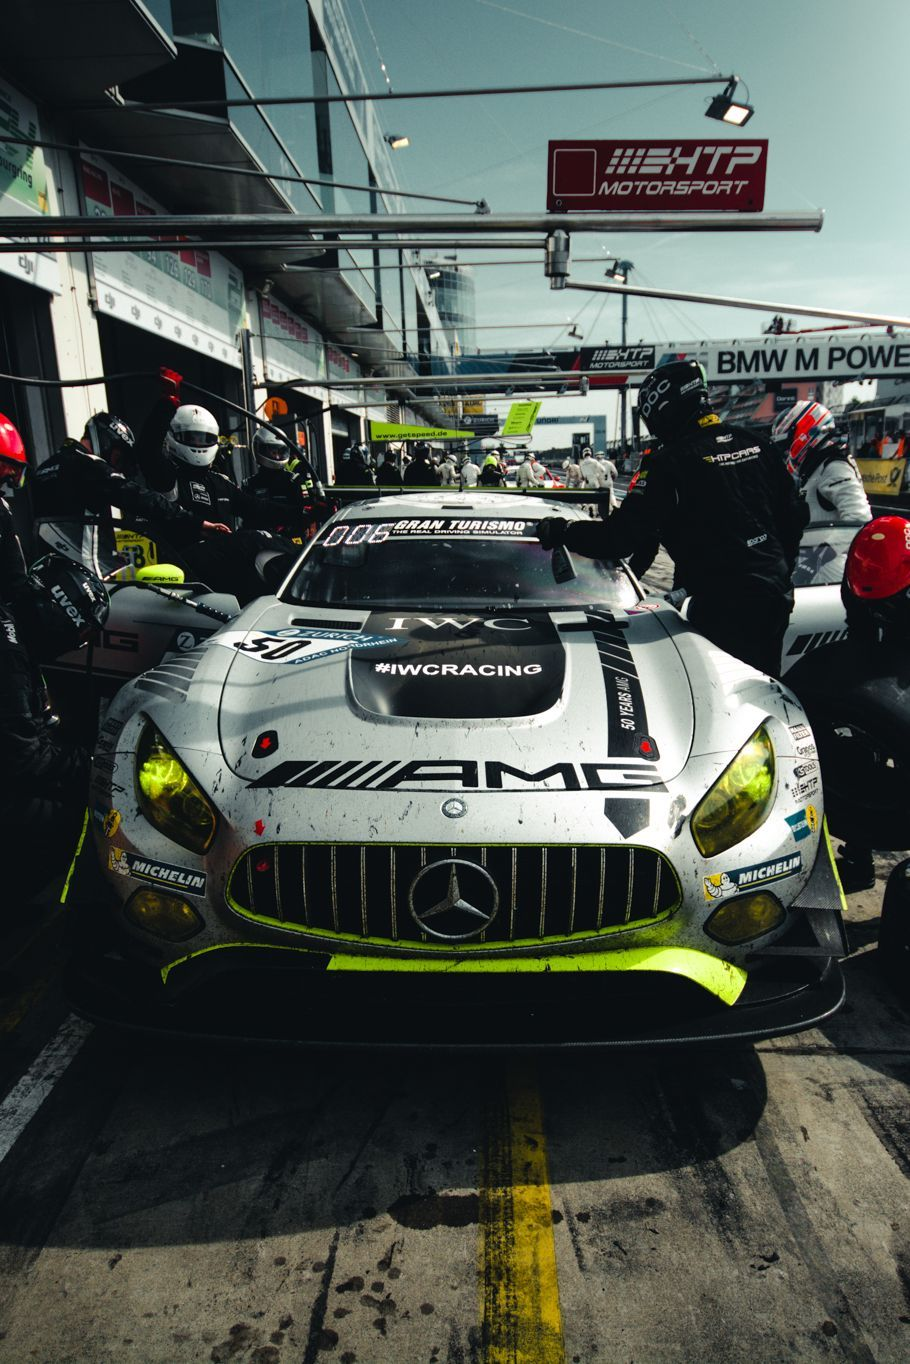 Bald geht es wieder ab in die Eifel! Wem drückt ihr an diesem Wochenende die Daumen? [Photo: Felix Maurer Photography] _______________________________________ #addicted2motorsport #n24h #mercedes #amg #pitstop #racing #racecar #mercedesamg #gt3 #nring #mercedesamg